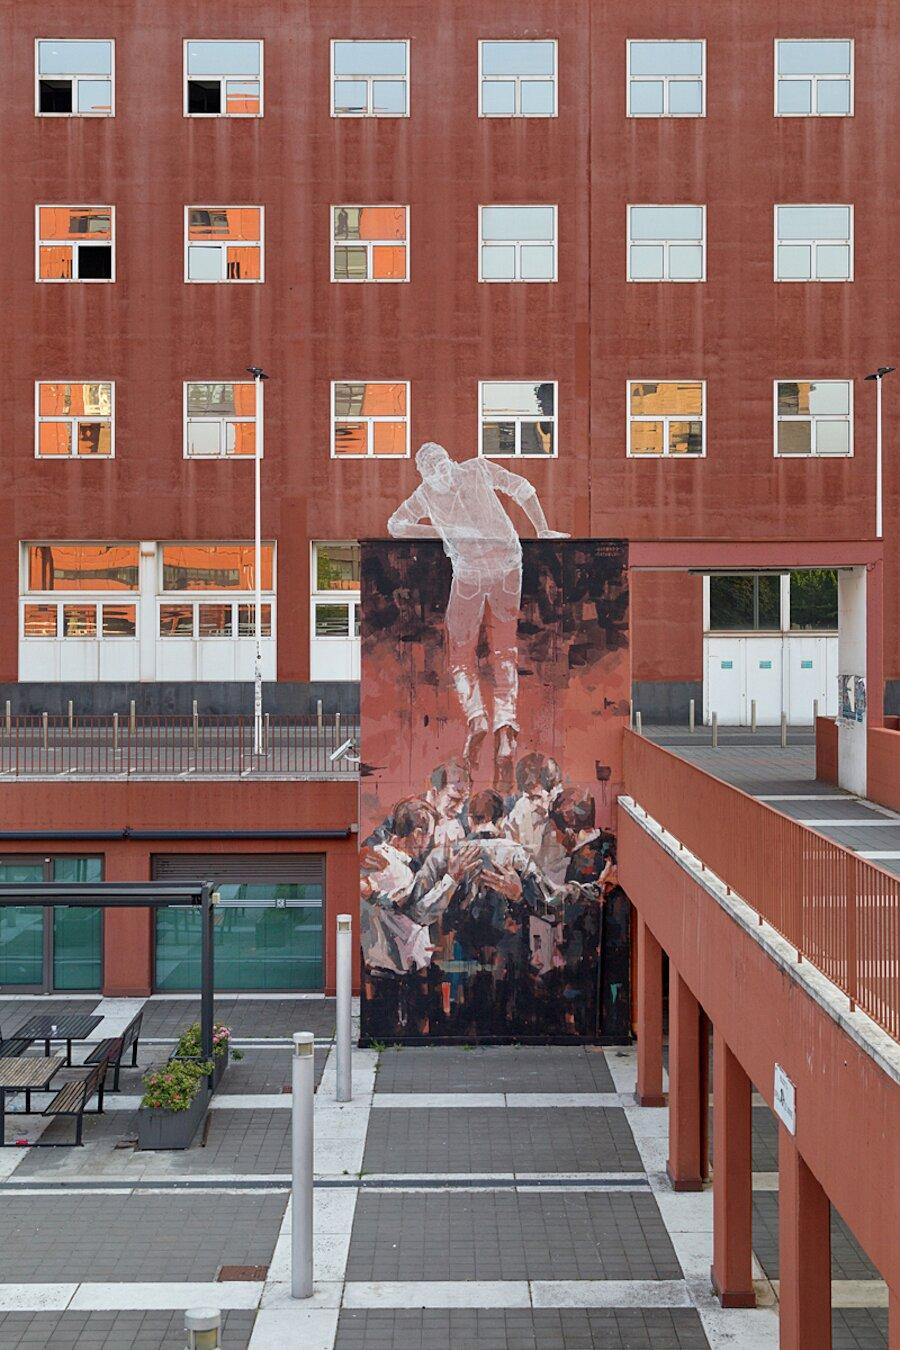 scultura-filo-metallo-street-art-edoardo-tresoldi-gonzalo-borondo-chained-bicocca-milano-4